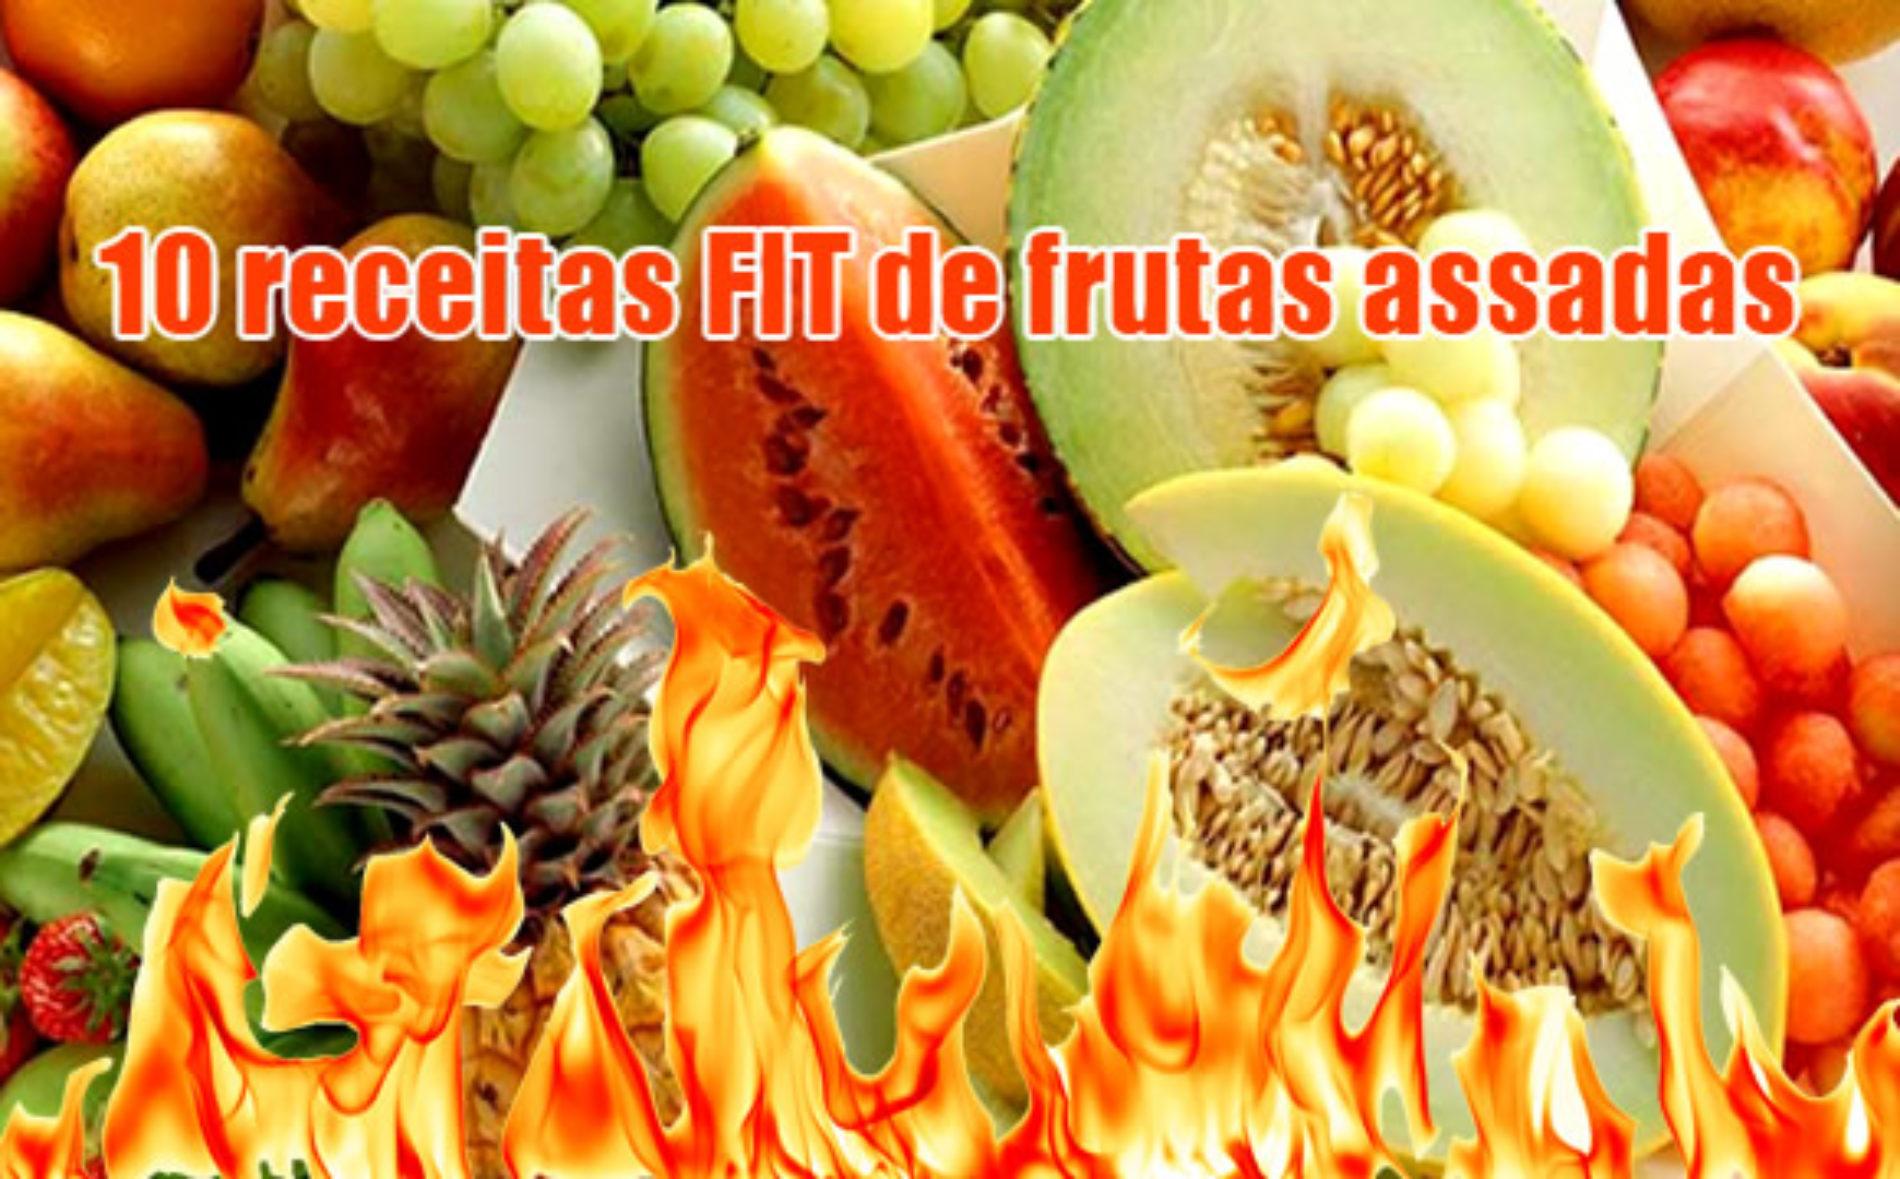 TOP 10 melhores receitas de frutas assadas FITNESS